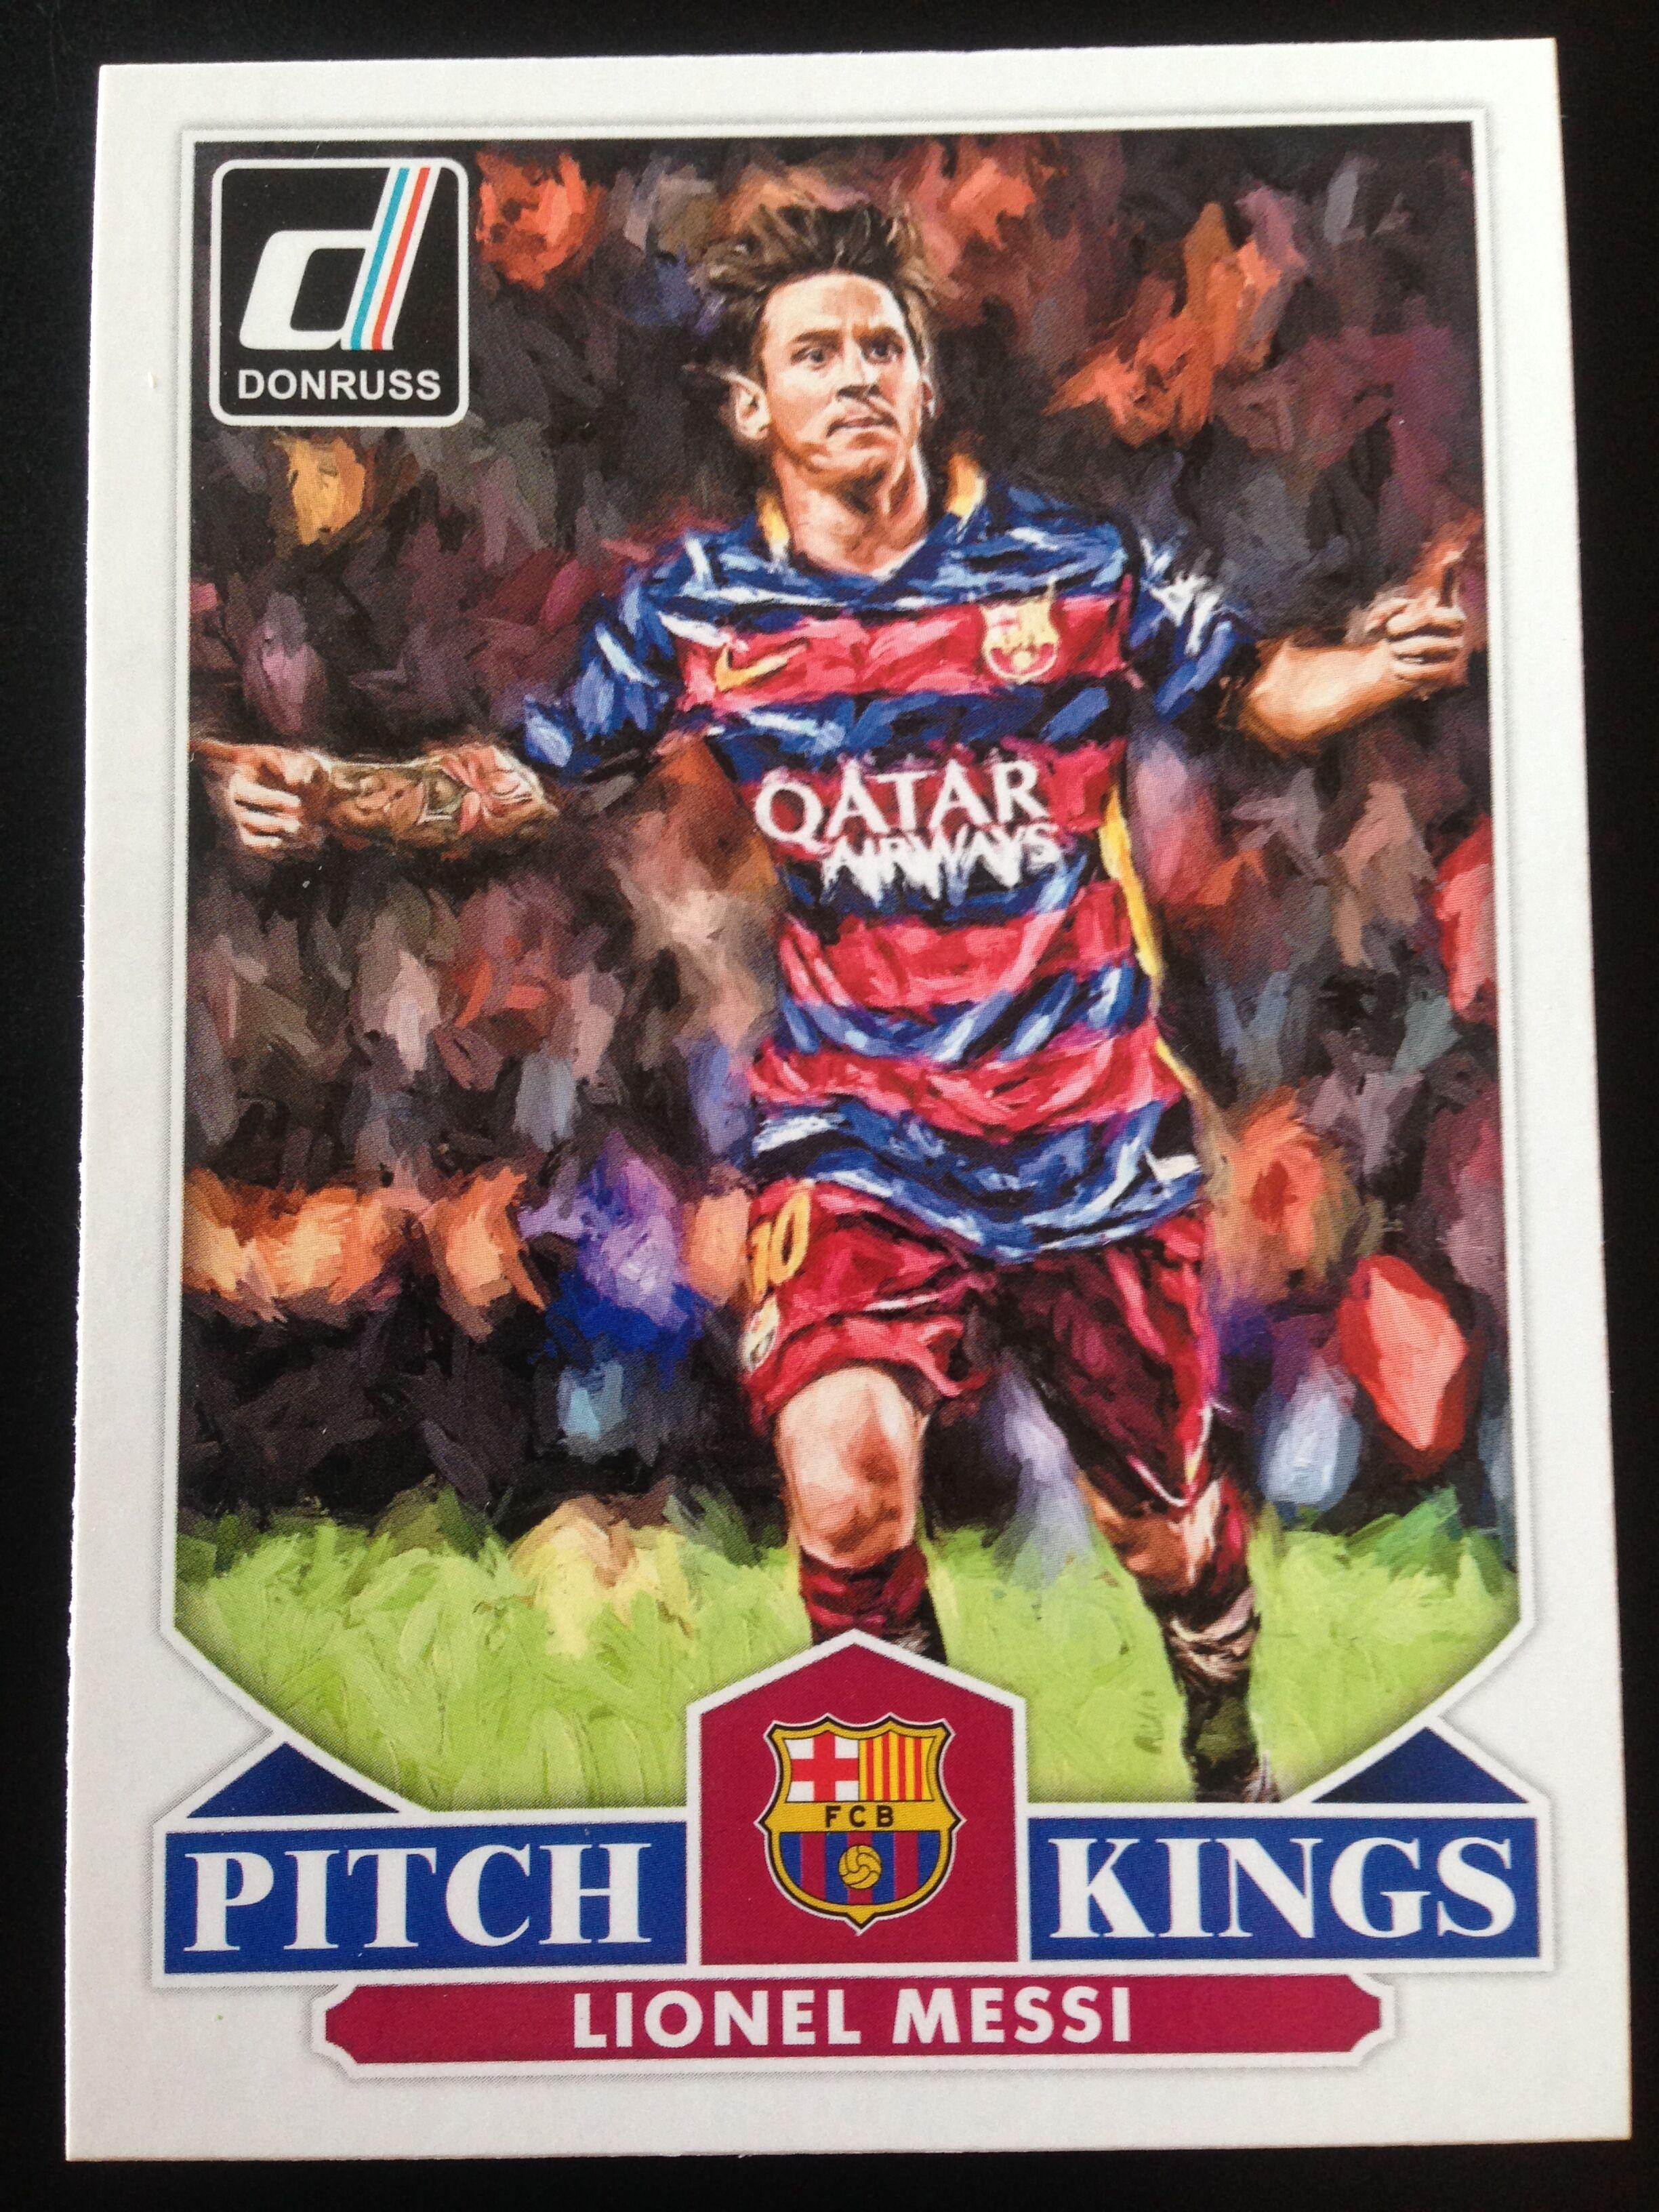 2015 donruss 梅西 巴塞罗那 pitch kings 特卡 no.17